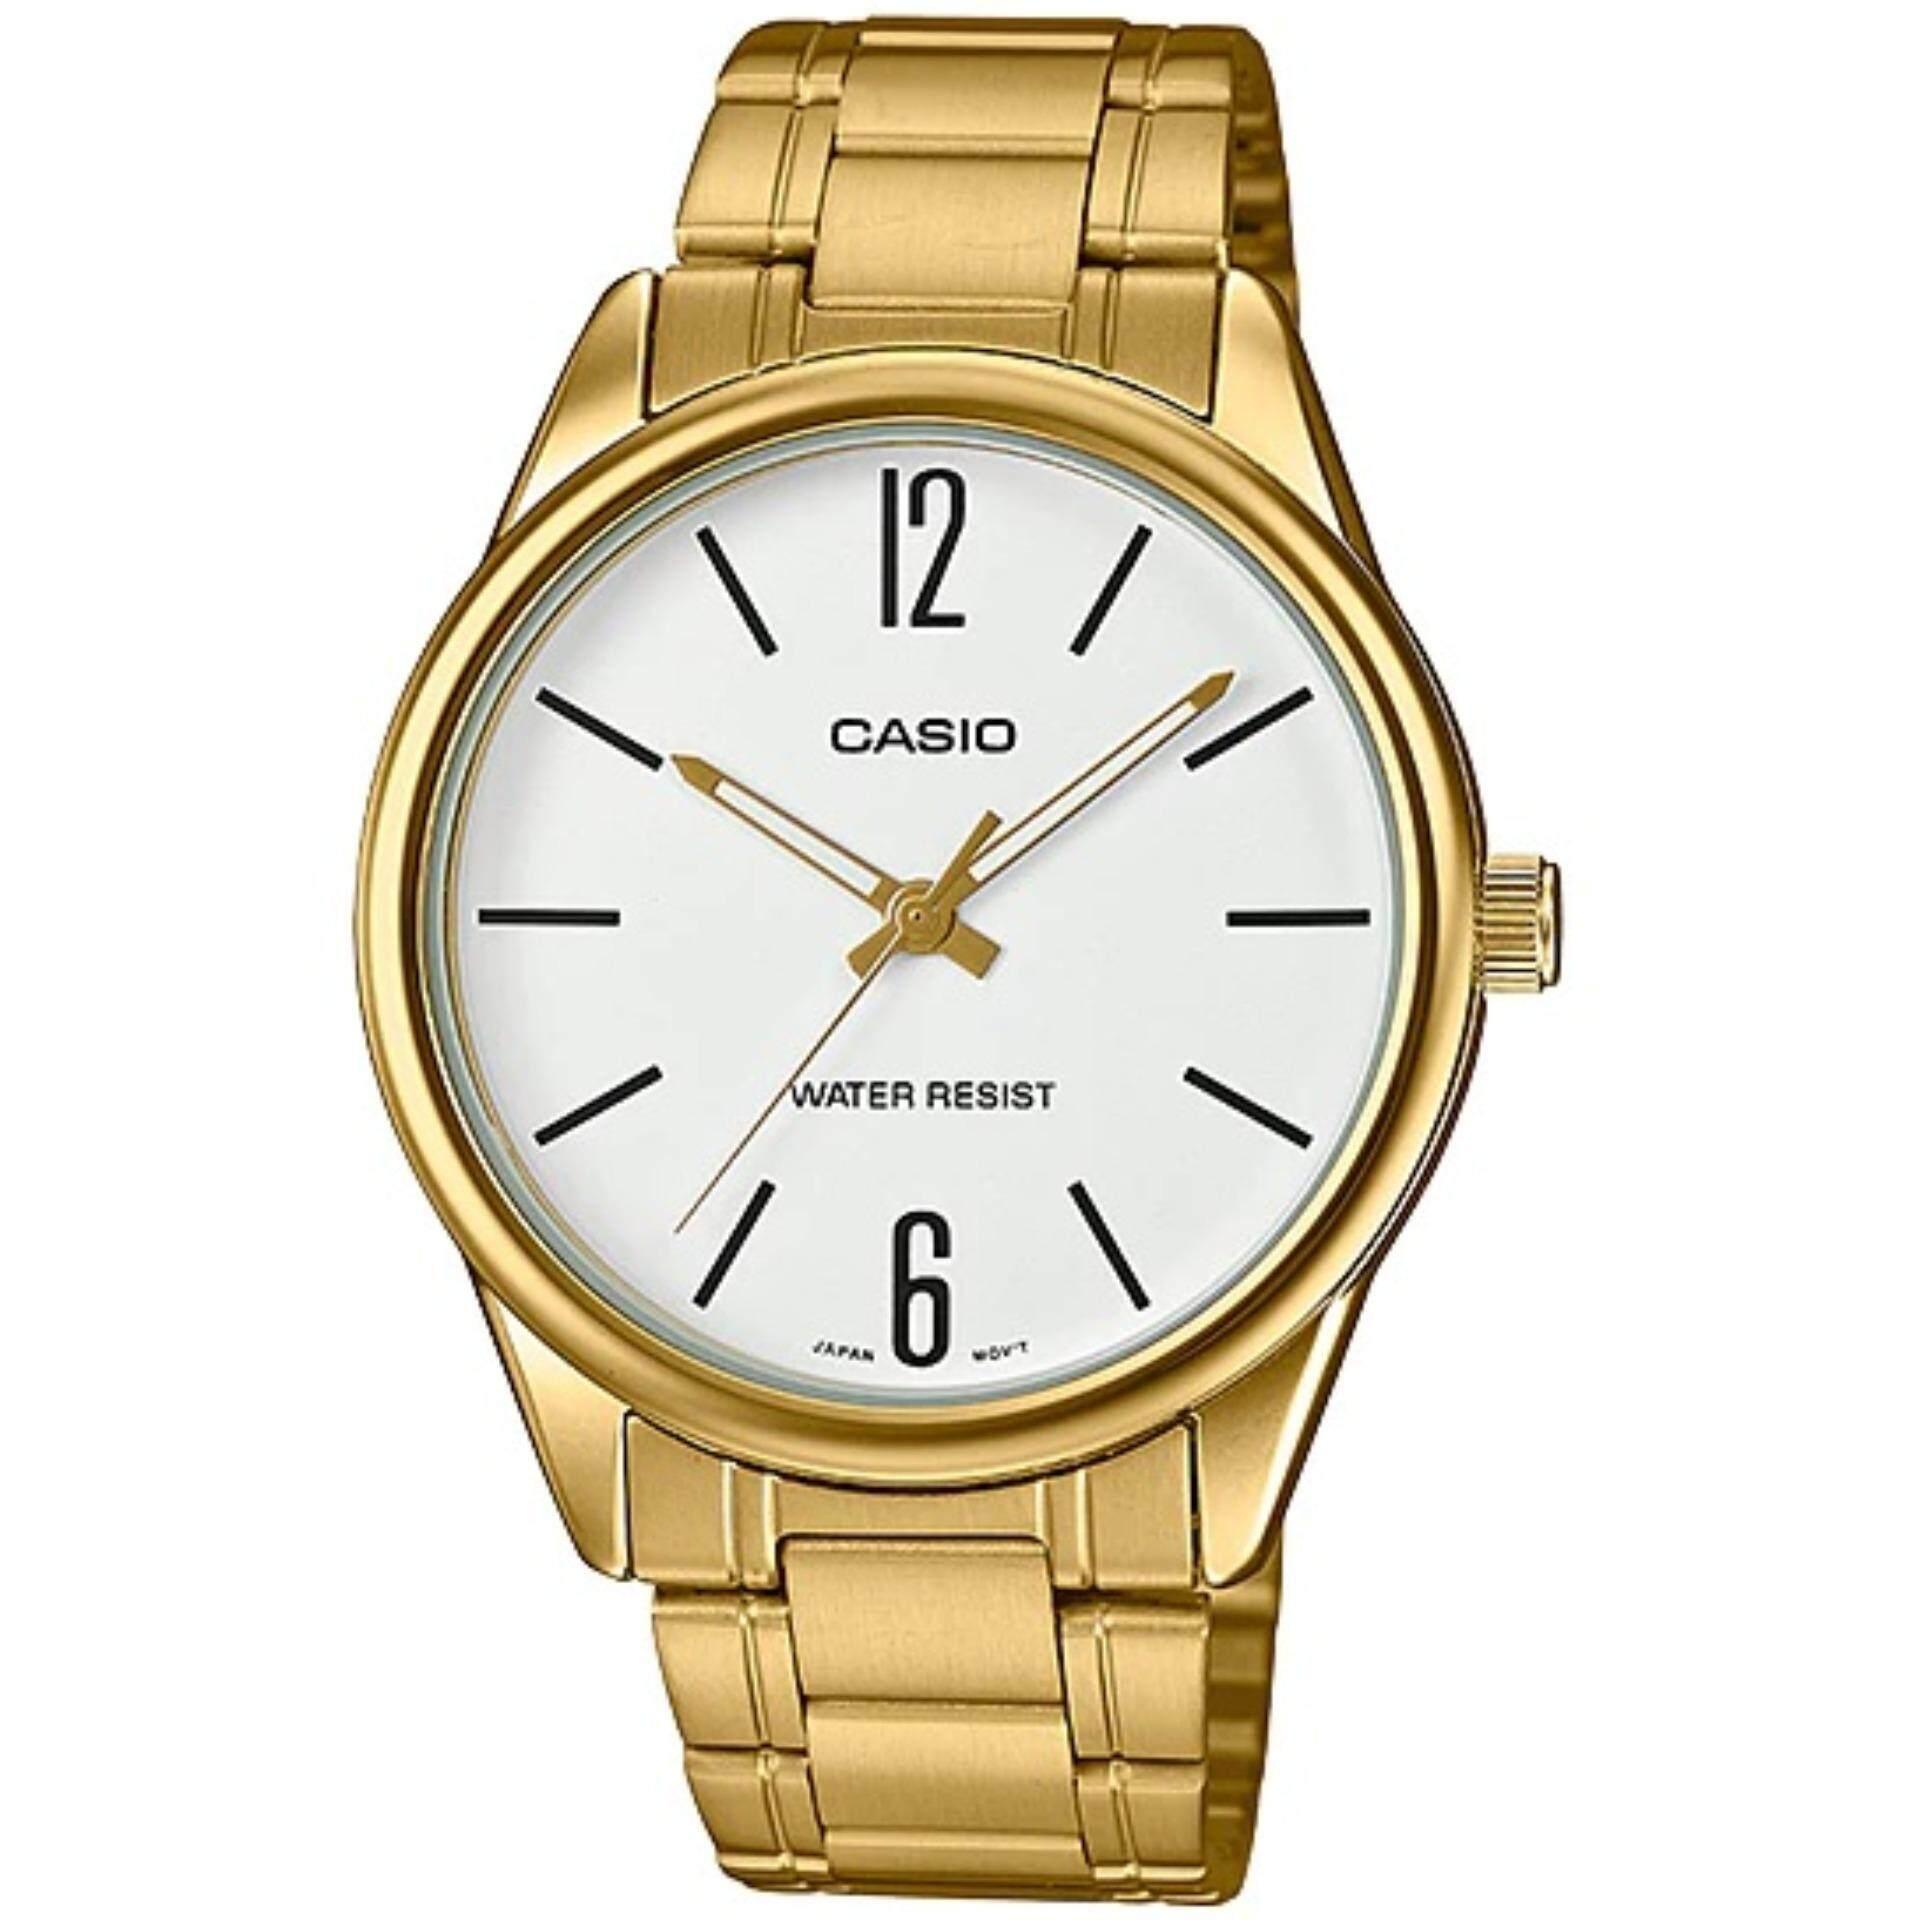 Casio MTP-V005G-7BUDF Original & Genuine Watch Malaysia